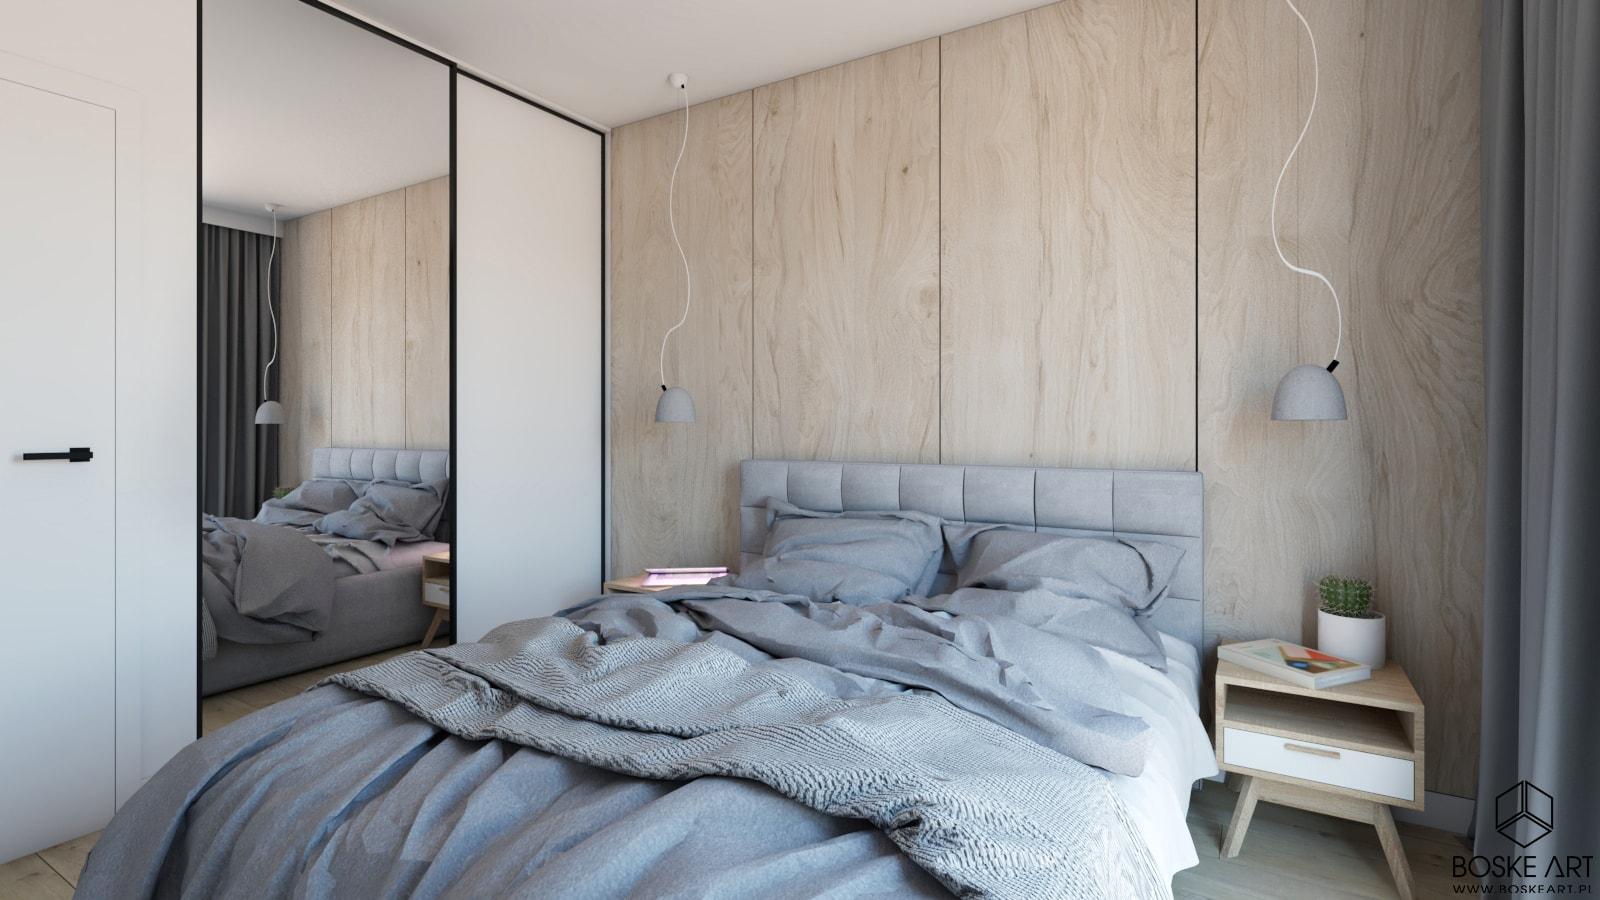 5_mieszkanie_gniezno_boske_art_projektowanie wnetrz_architektura_natalia_robaszkiewicz-min